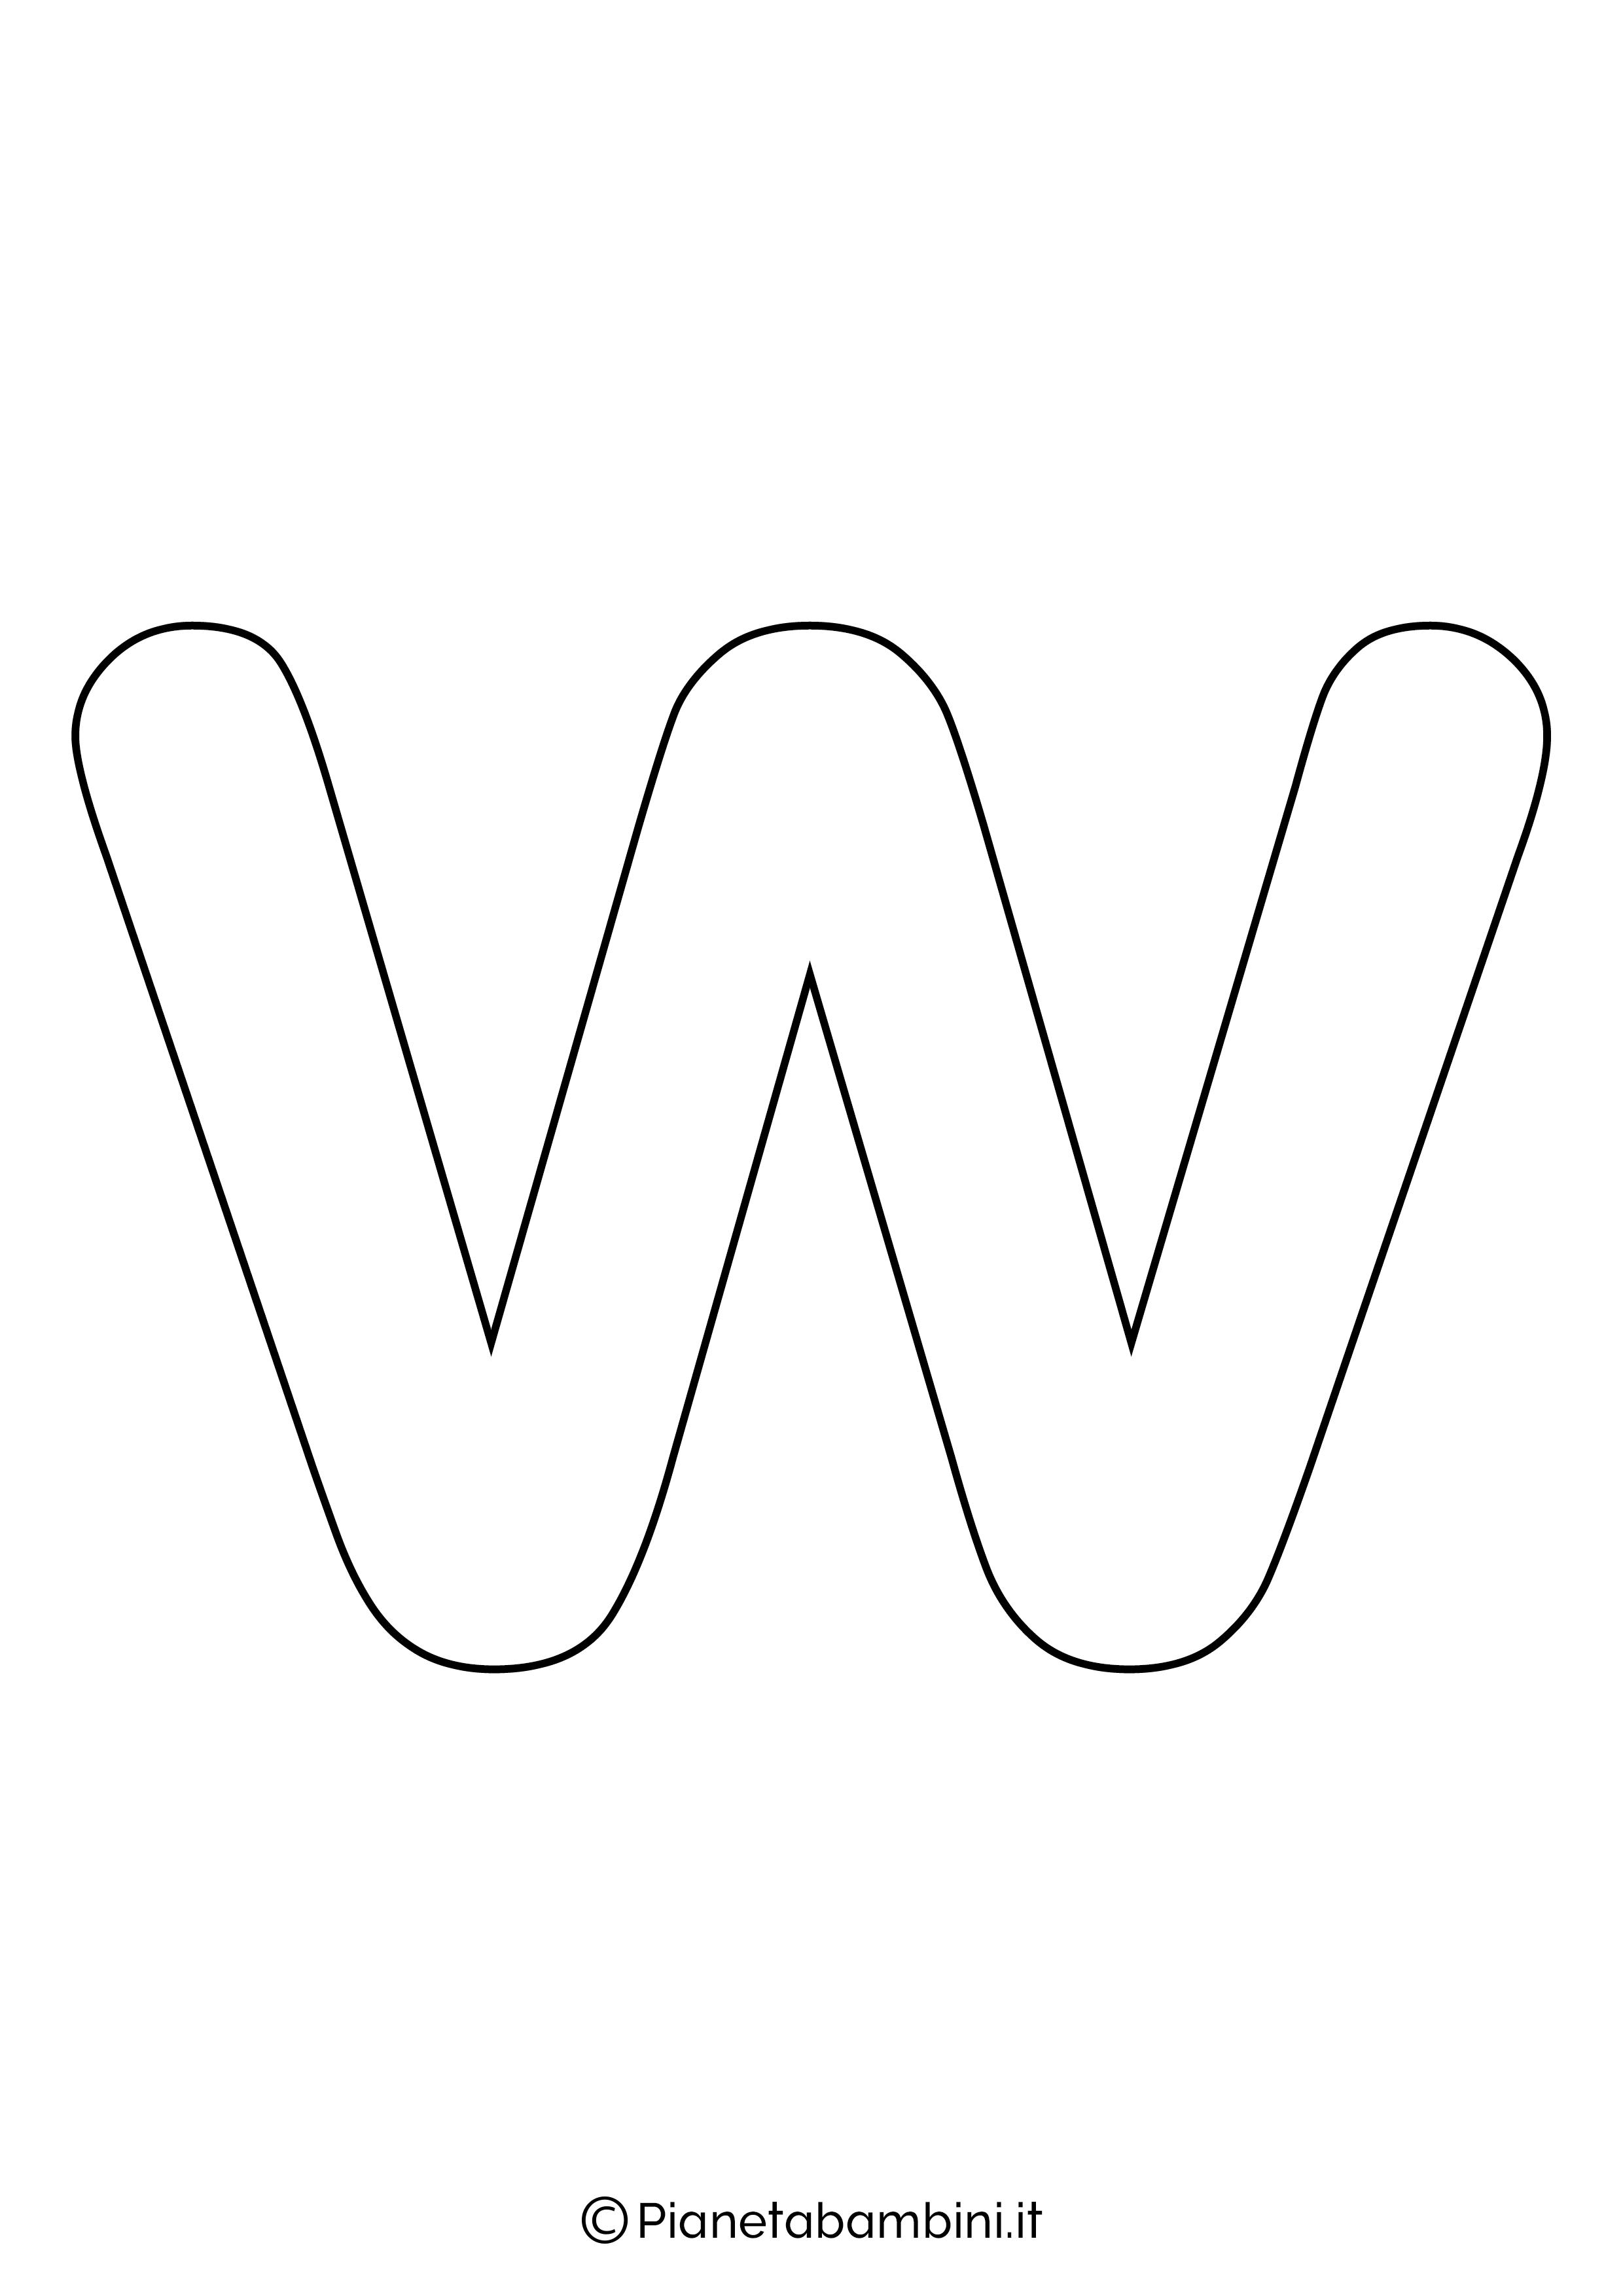 Lettera W minuscola da stampare